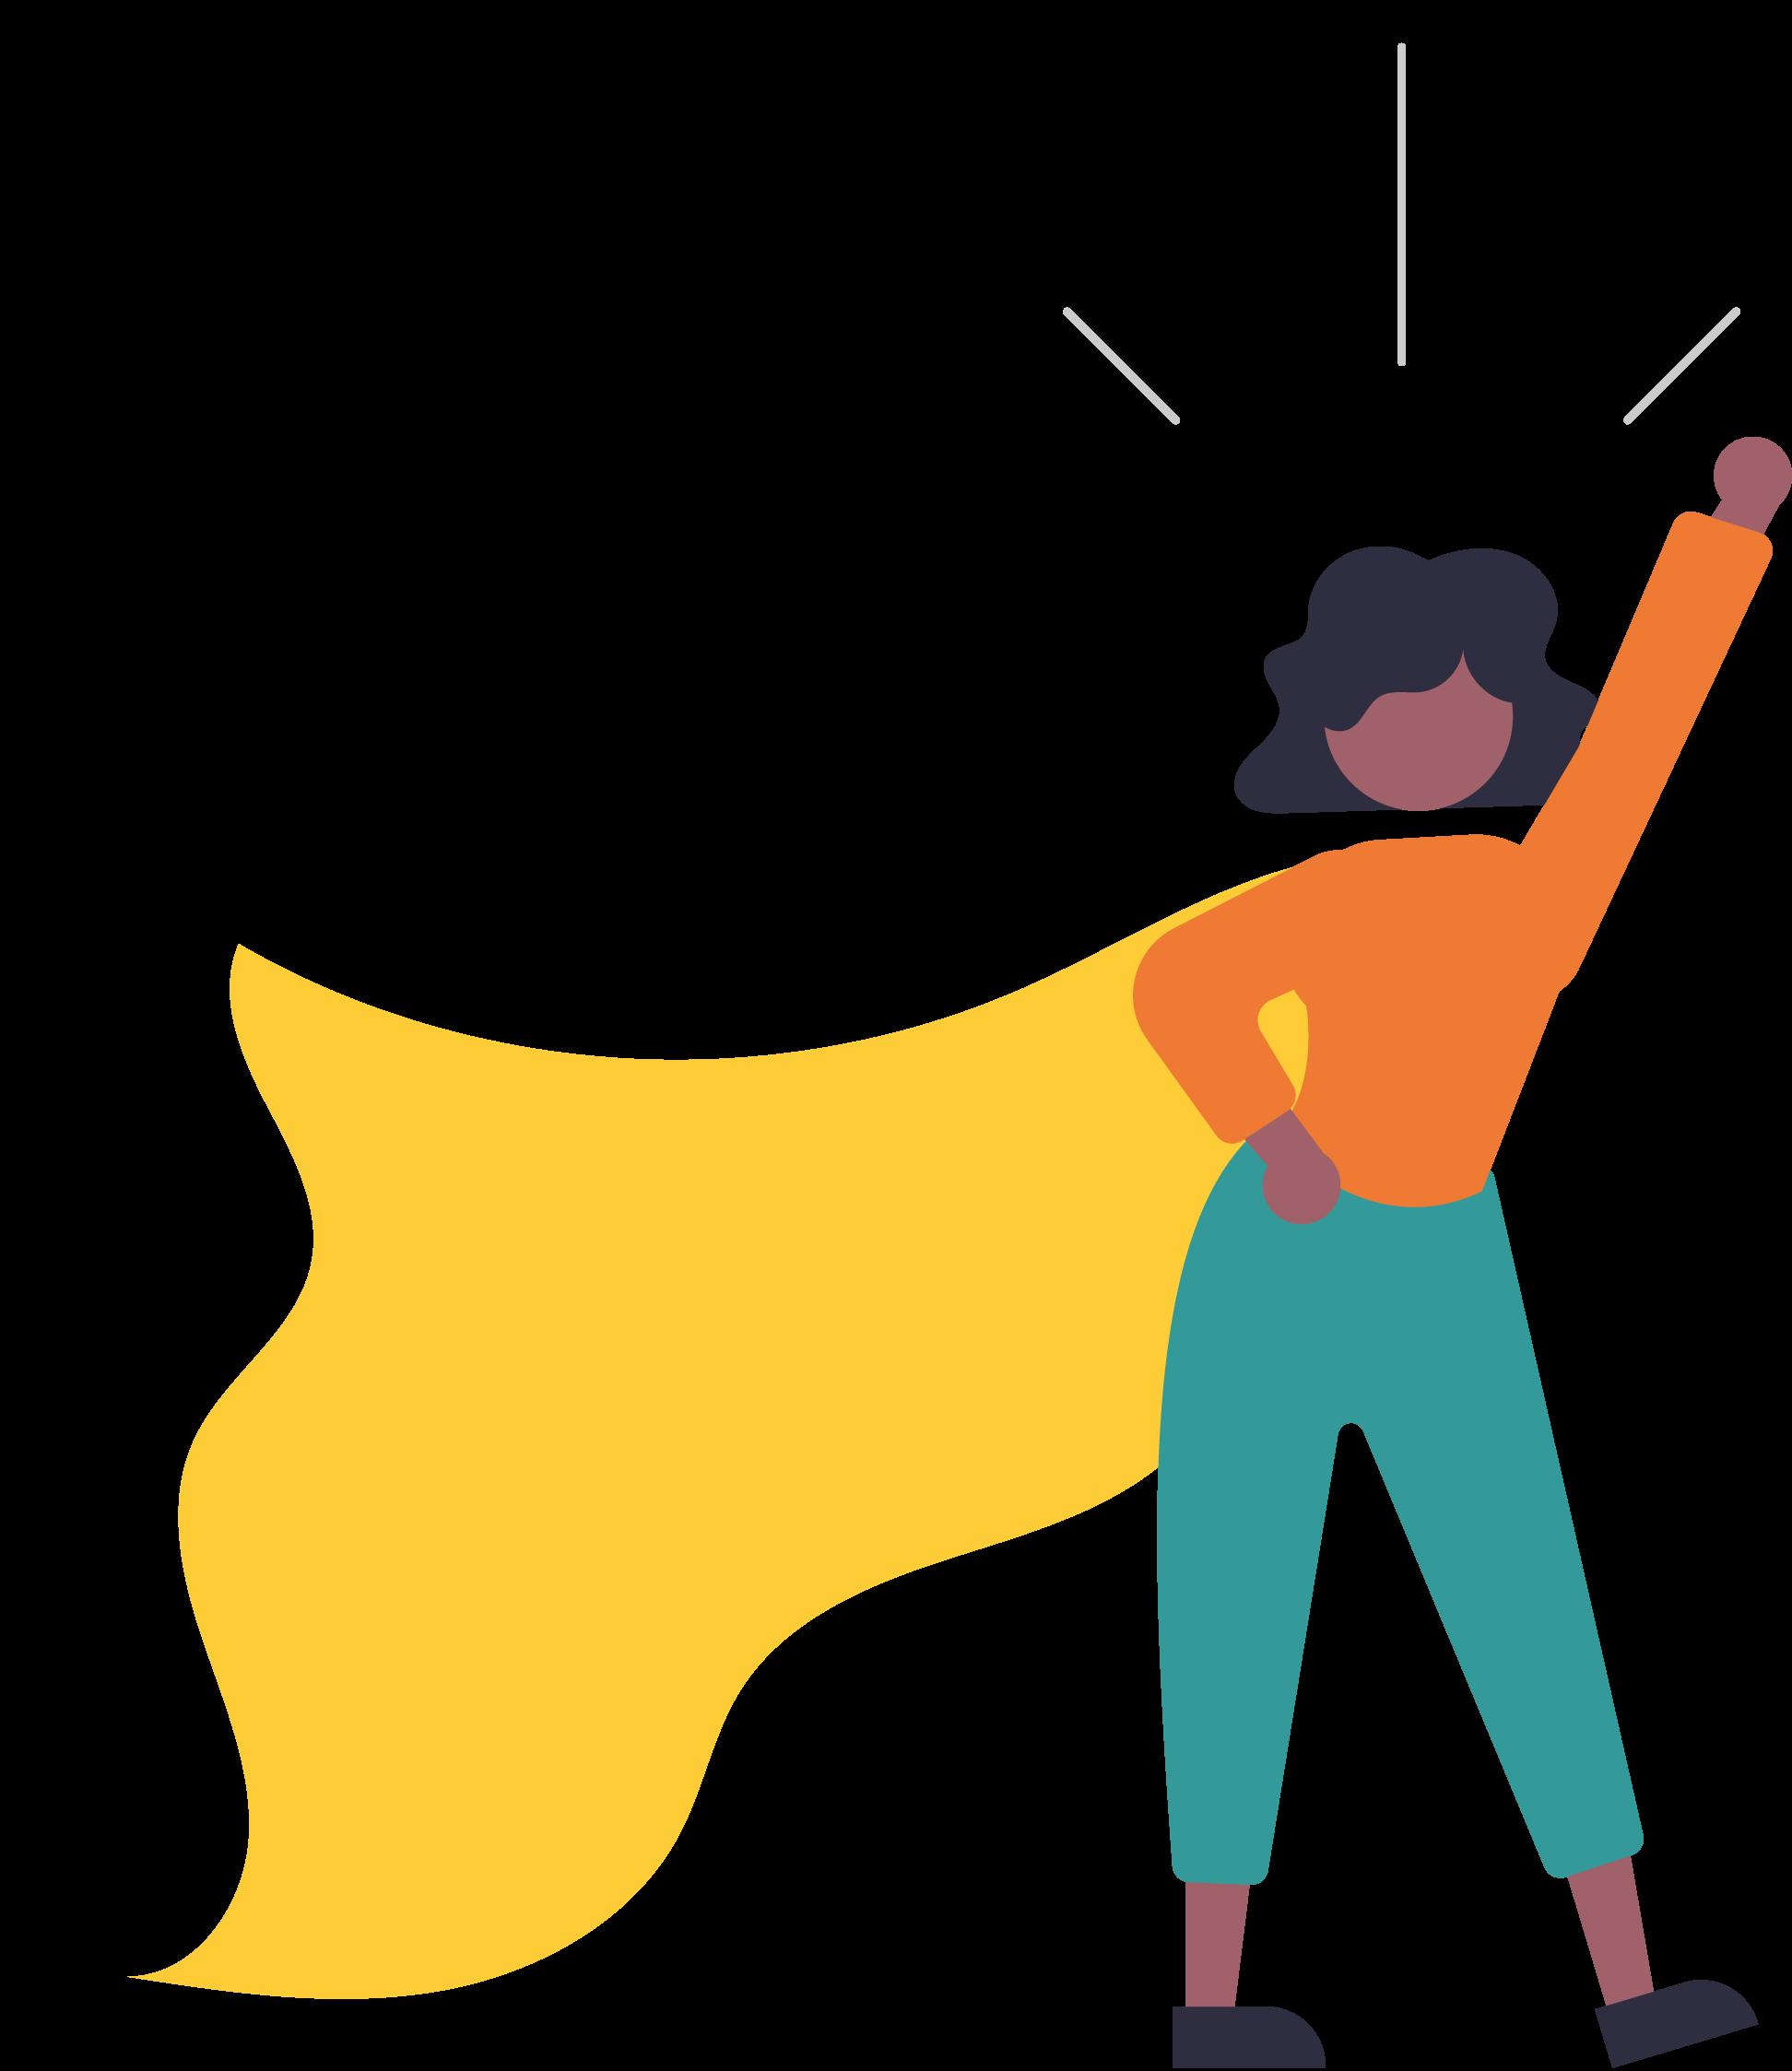 Eine Schwarze Frau hebt die Faust und trägt einen Superheldinen Umhang